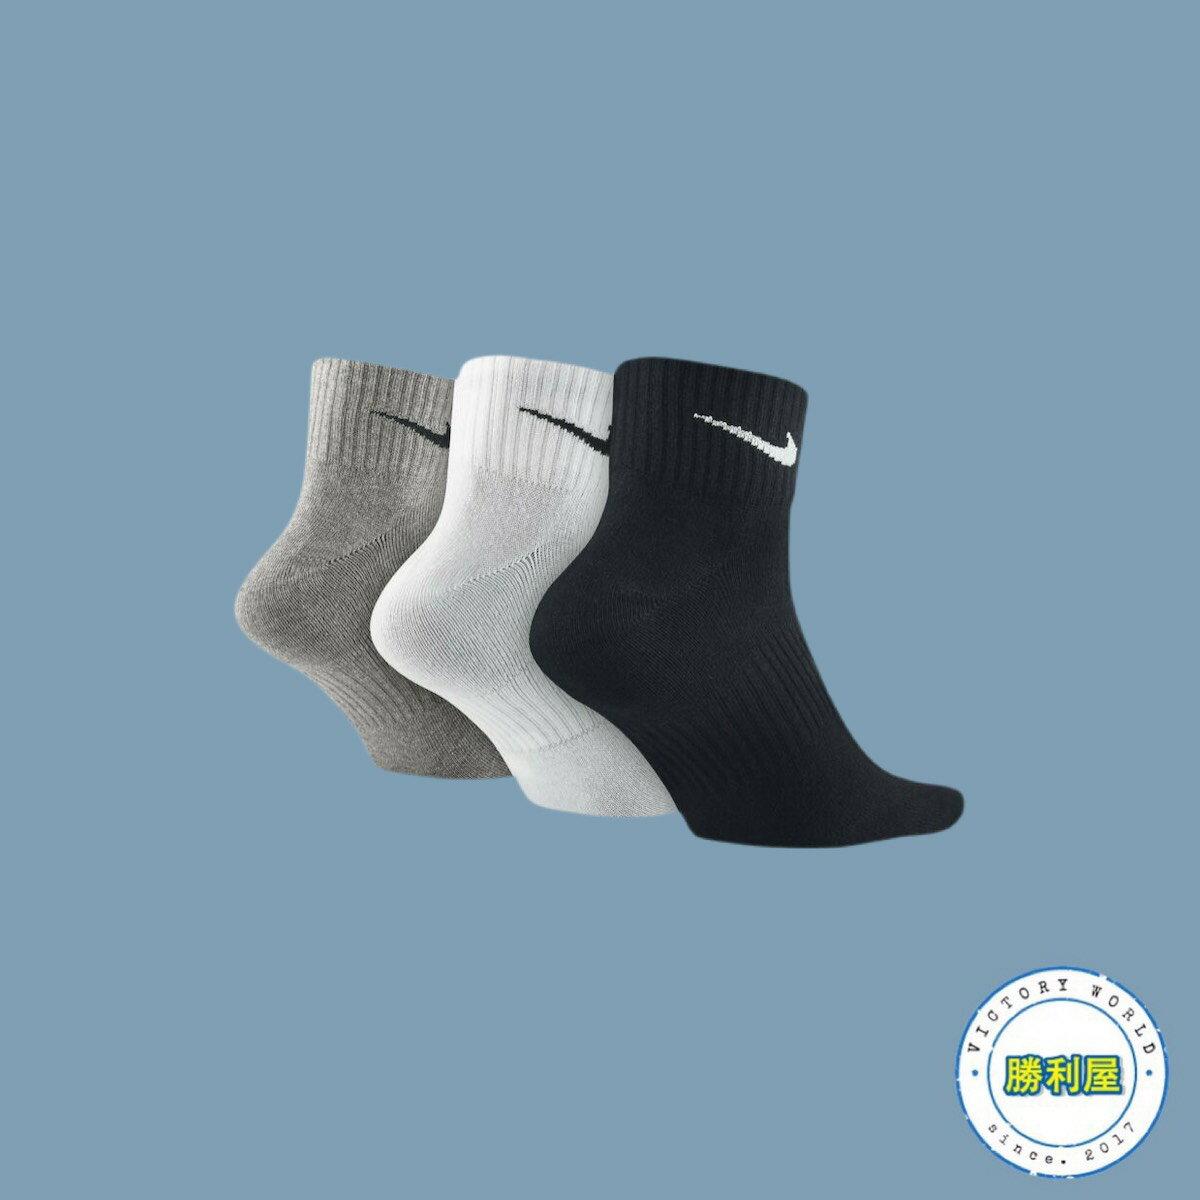 【滿3000現折300↘最高折$450】【NIKE】NIKE LIGHTWEIGHT QUARTER SOCKS CREW 襪子 中筒襪 黑/白/灰 小LOGO 基本款 三色一組 男女尺寸【勝利屋】